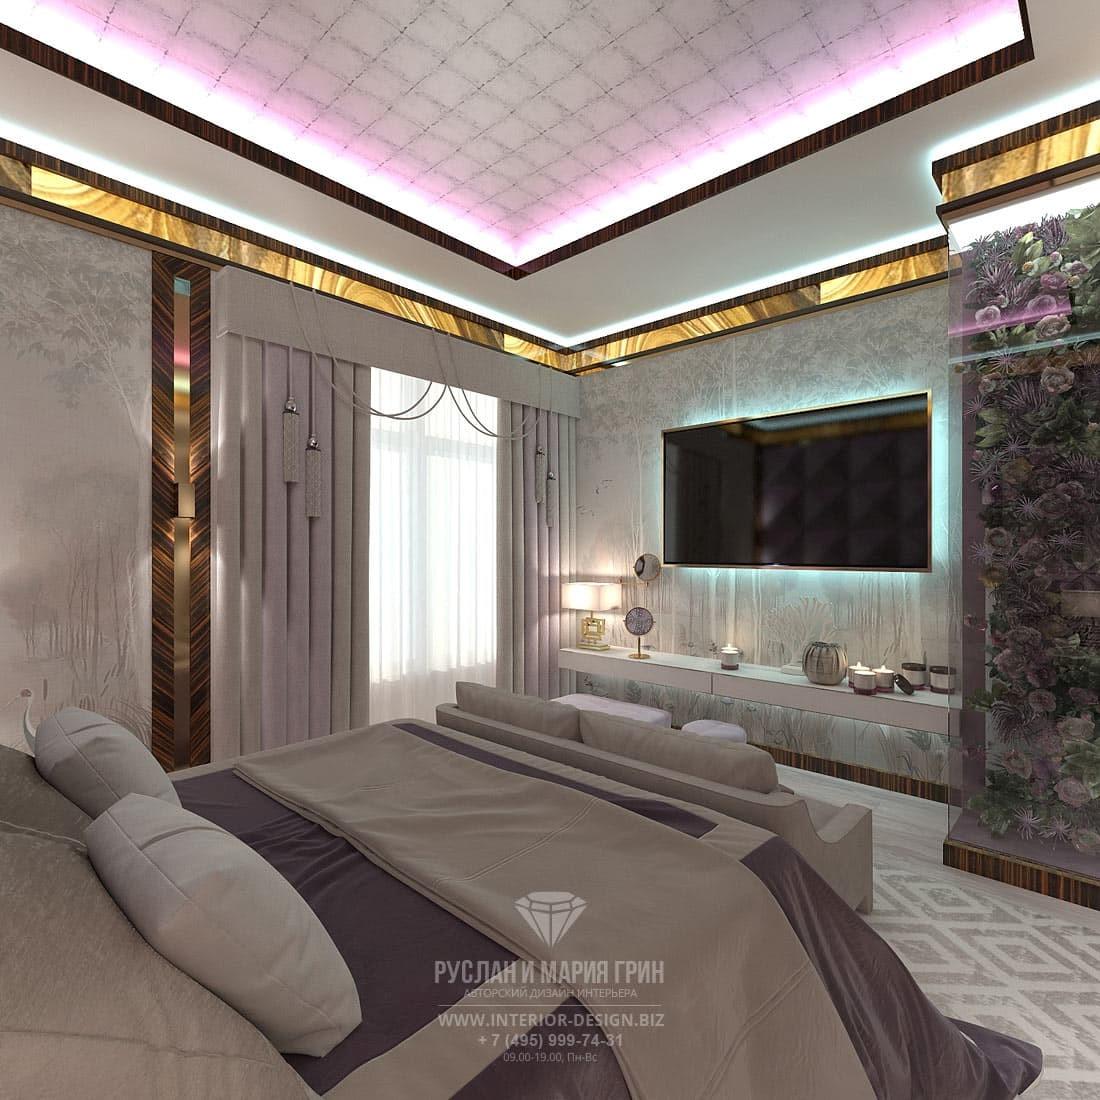 Интерьер спальни с эксклюзивными фотообоями в элитном доме в стиле арт-деко